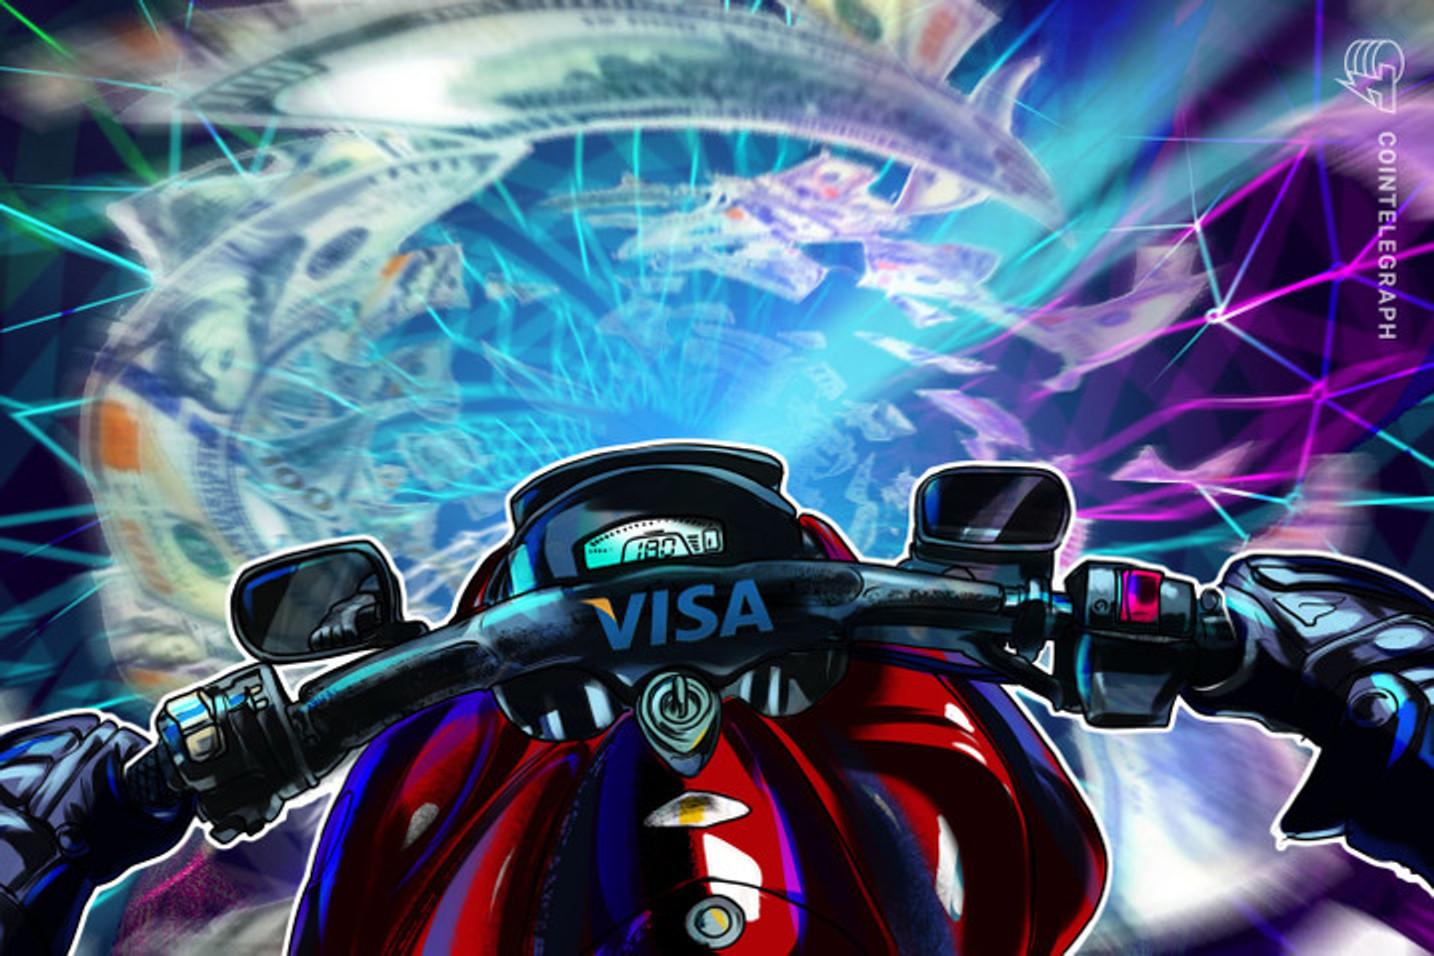 Visa compra la fintech sueca Tink por 1,800 millones de euros